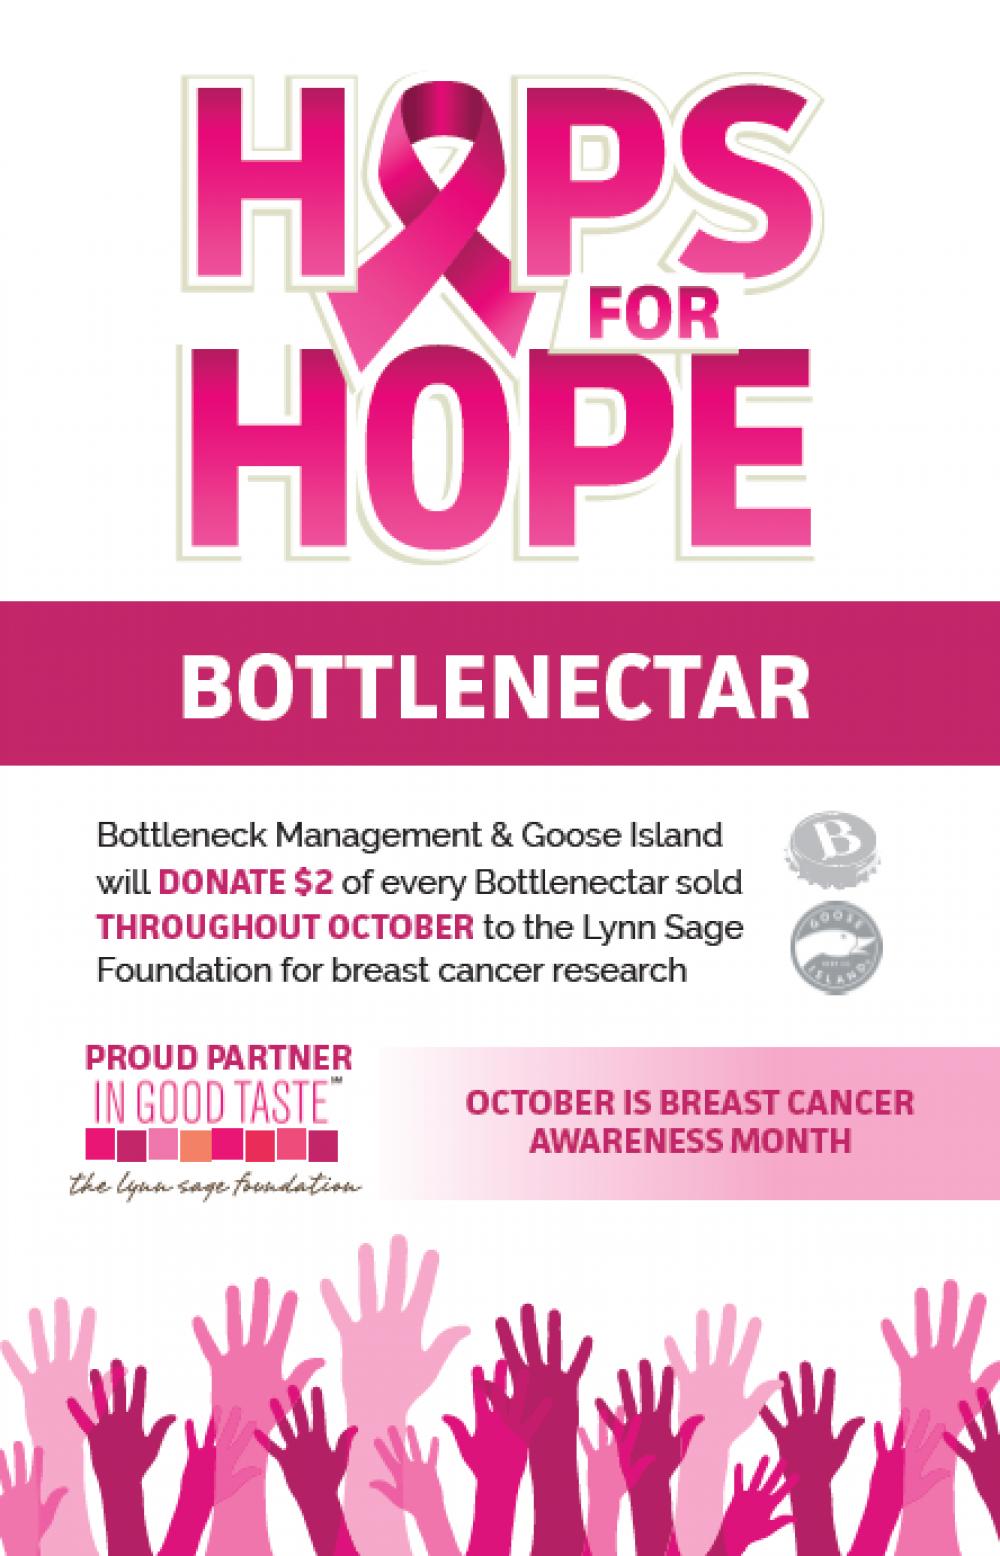 Bottleneck Hops For Hope